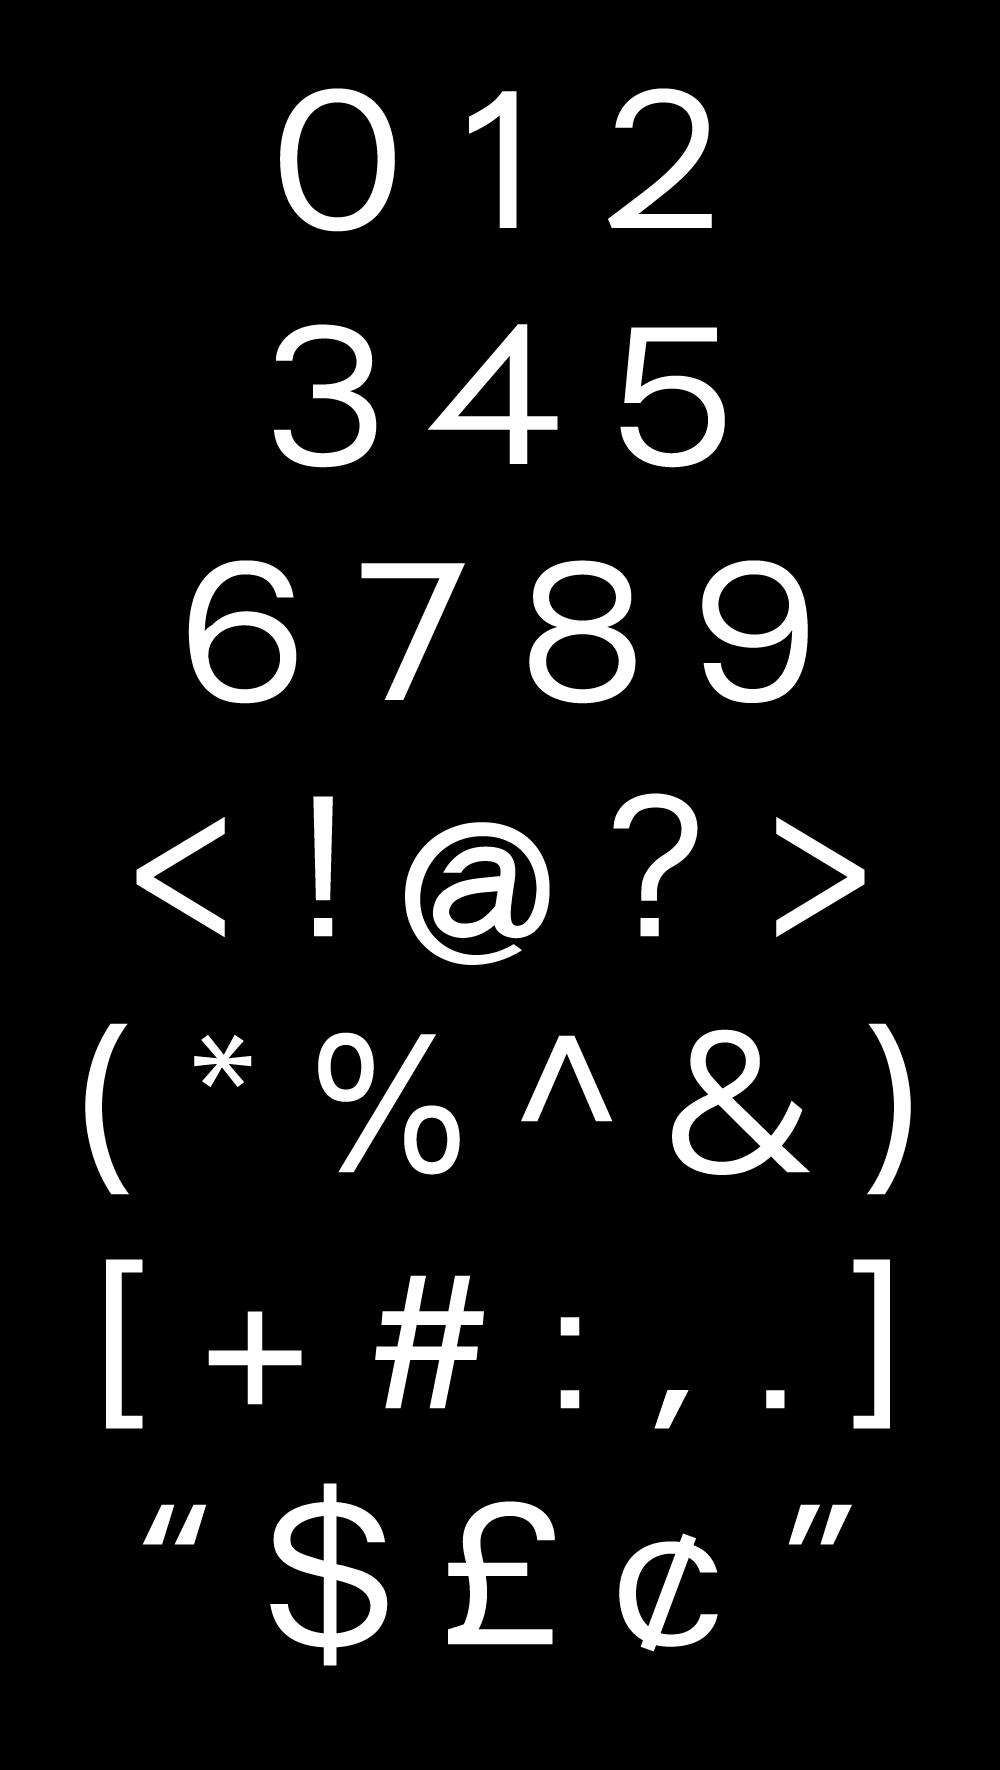 现代风格LOGO徽标设计无衬线英文字体下载 David Rudnick – Zoa Wassenaar插图(7)